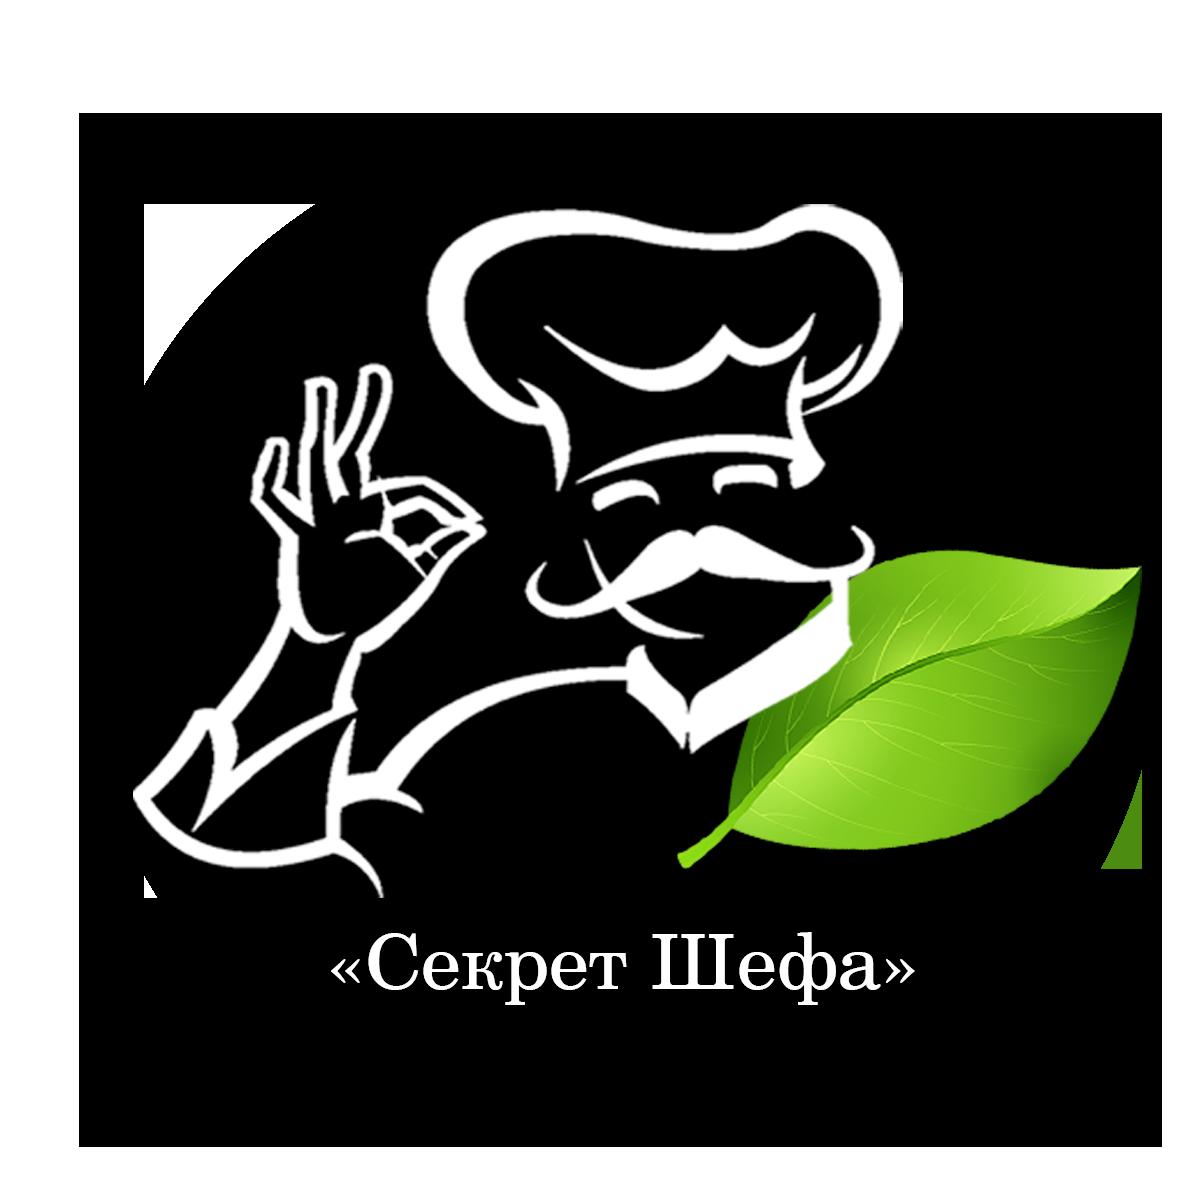 Логотип для марки специй и приправ Секрет Шефа фото f_0575f3eb87003337.png